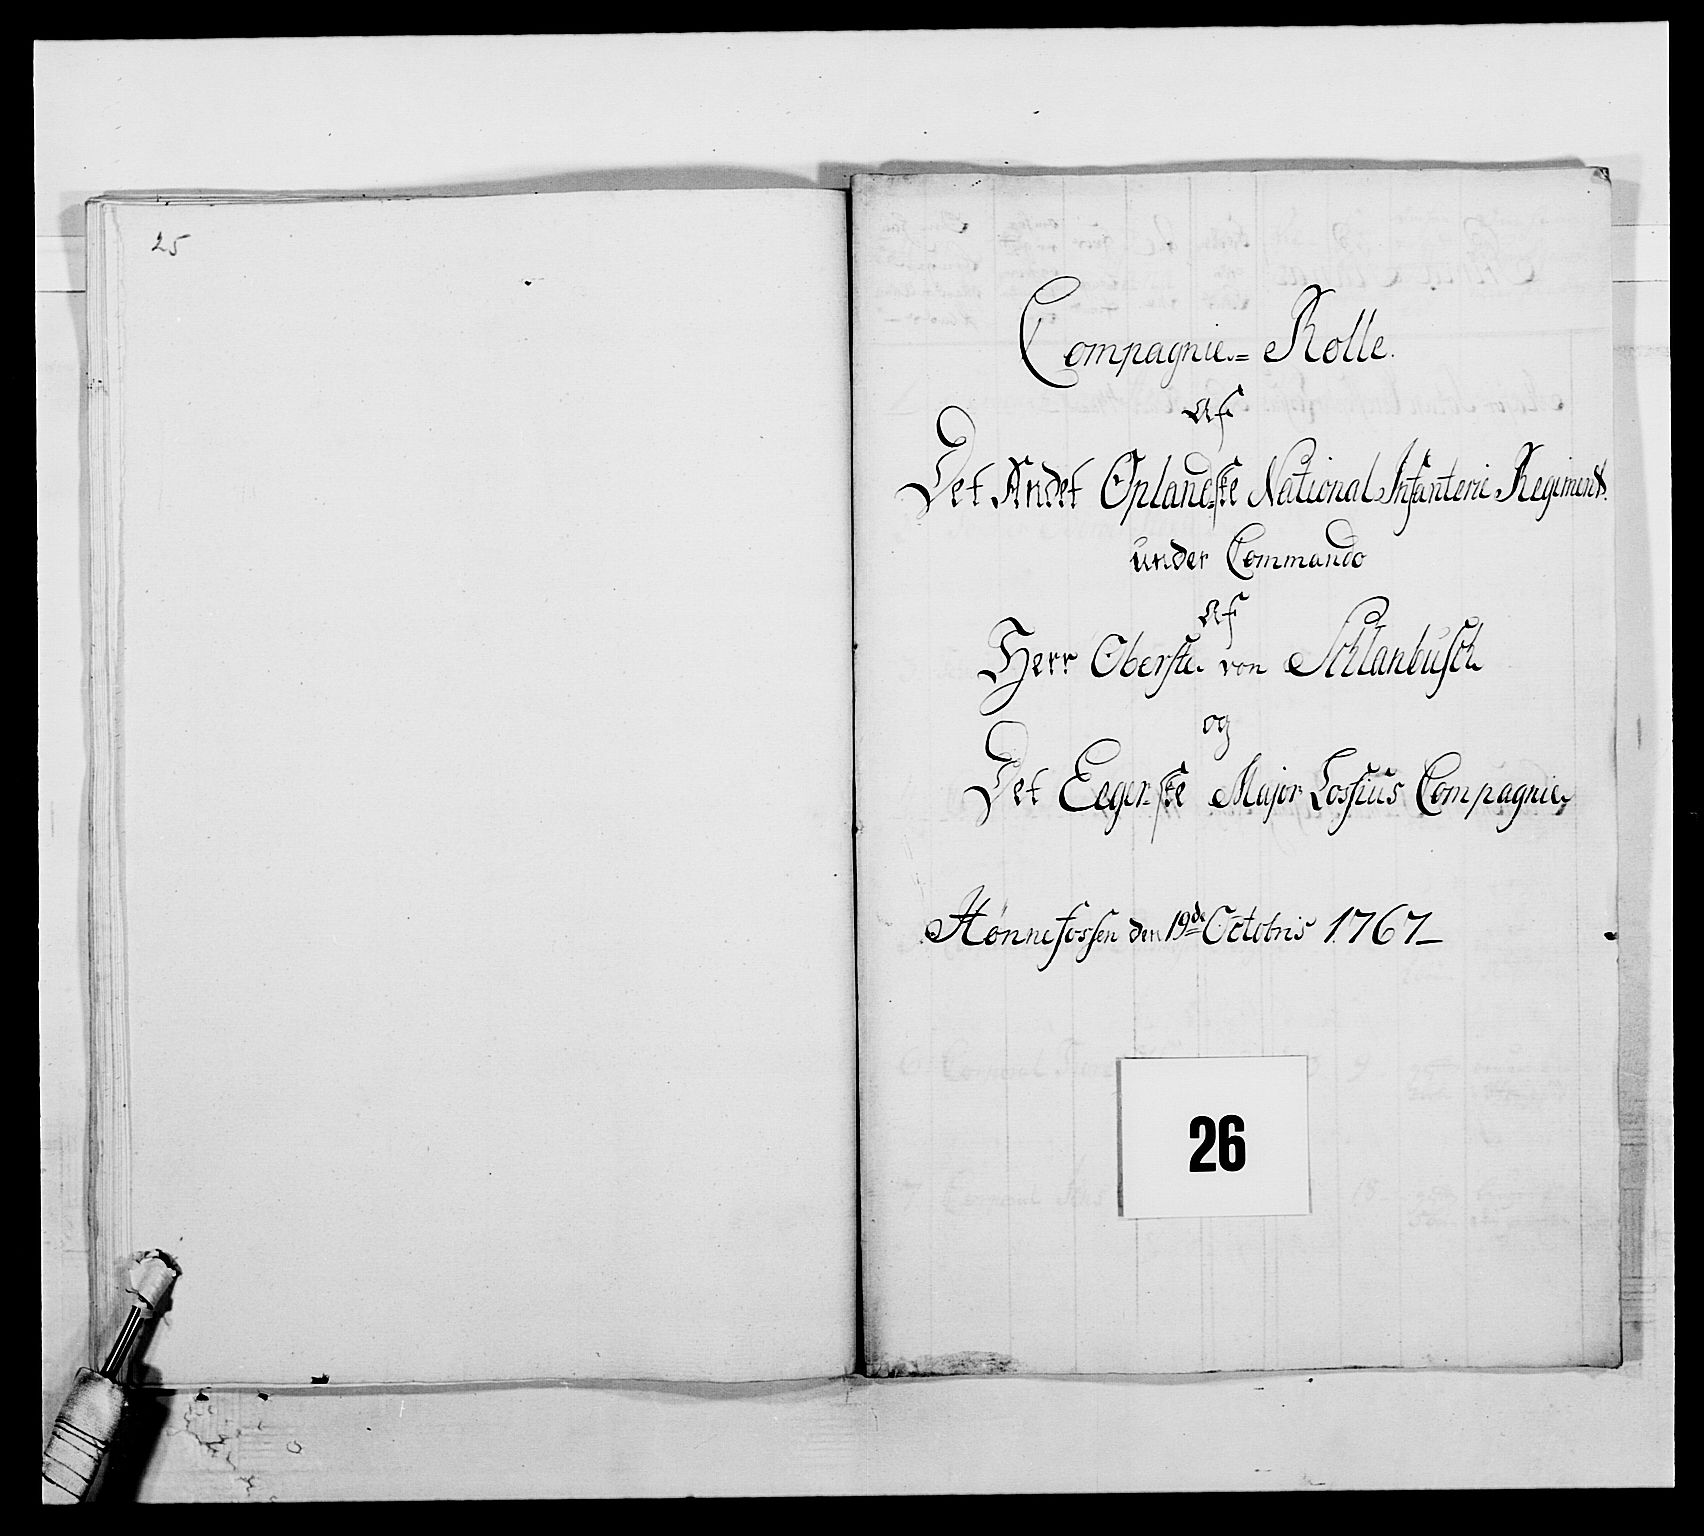 RA, Kommanderende general (KG I) med Det norske krigsdirektorium, E/Ea/L0507: 2. Opplandske regiment, 1766-1767, p. 567